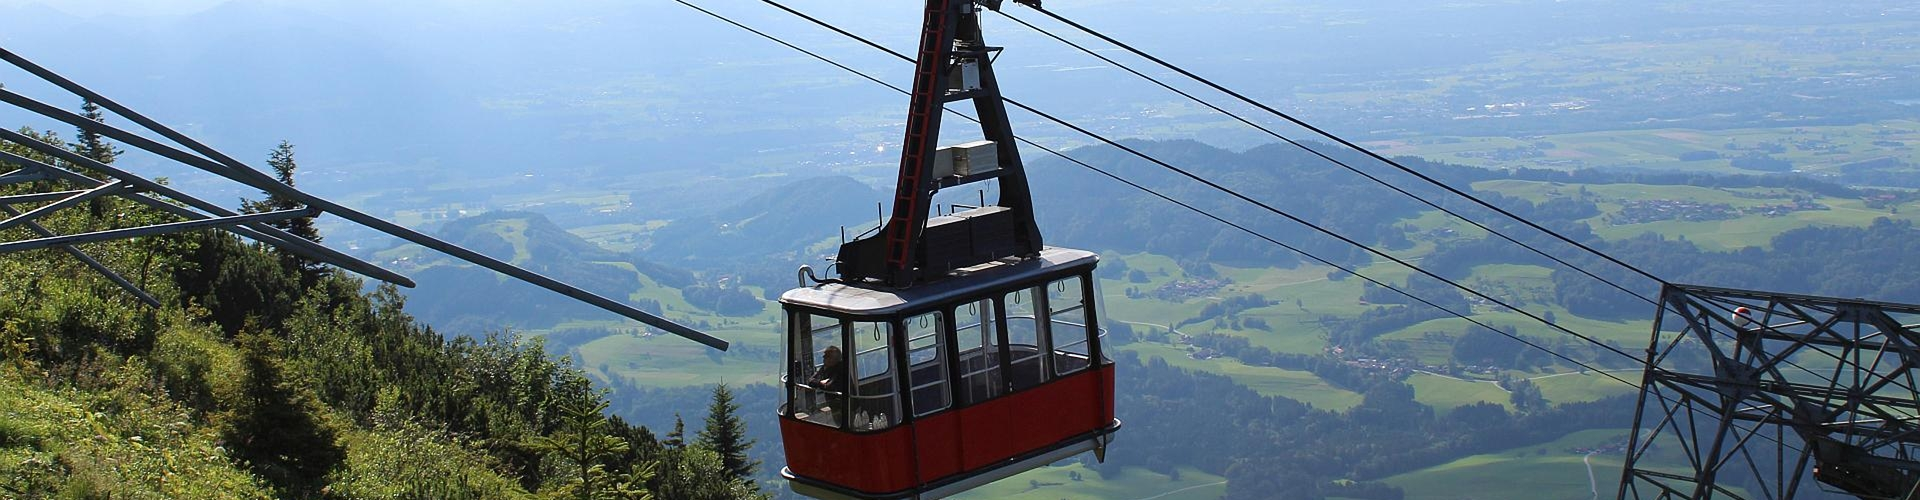 Hochriesbahn Kabine2 Ms Head 1